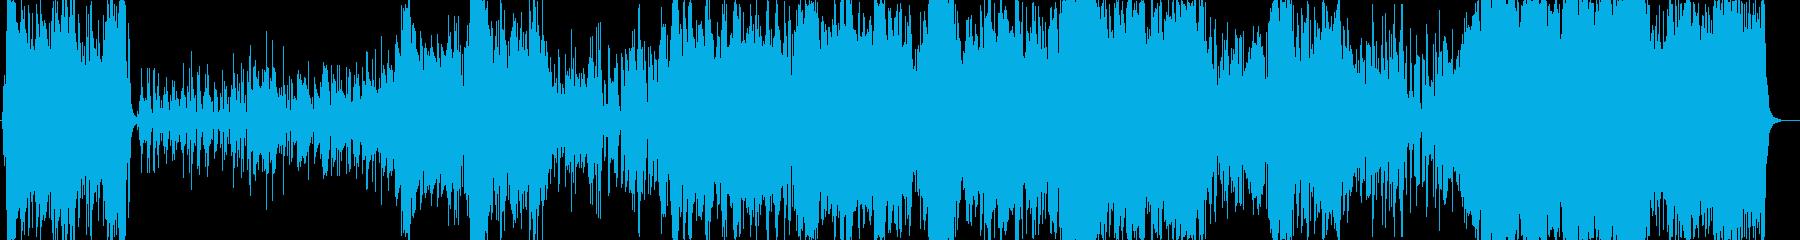 オーケストラ編成のタンゴの再生済みの波形